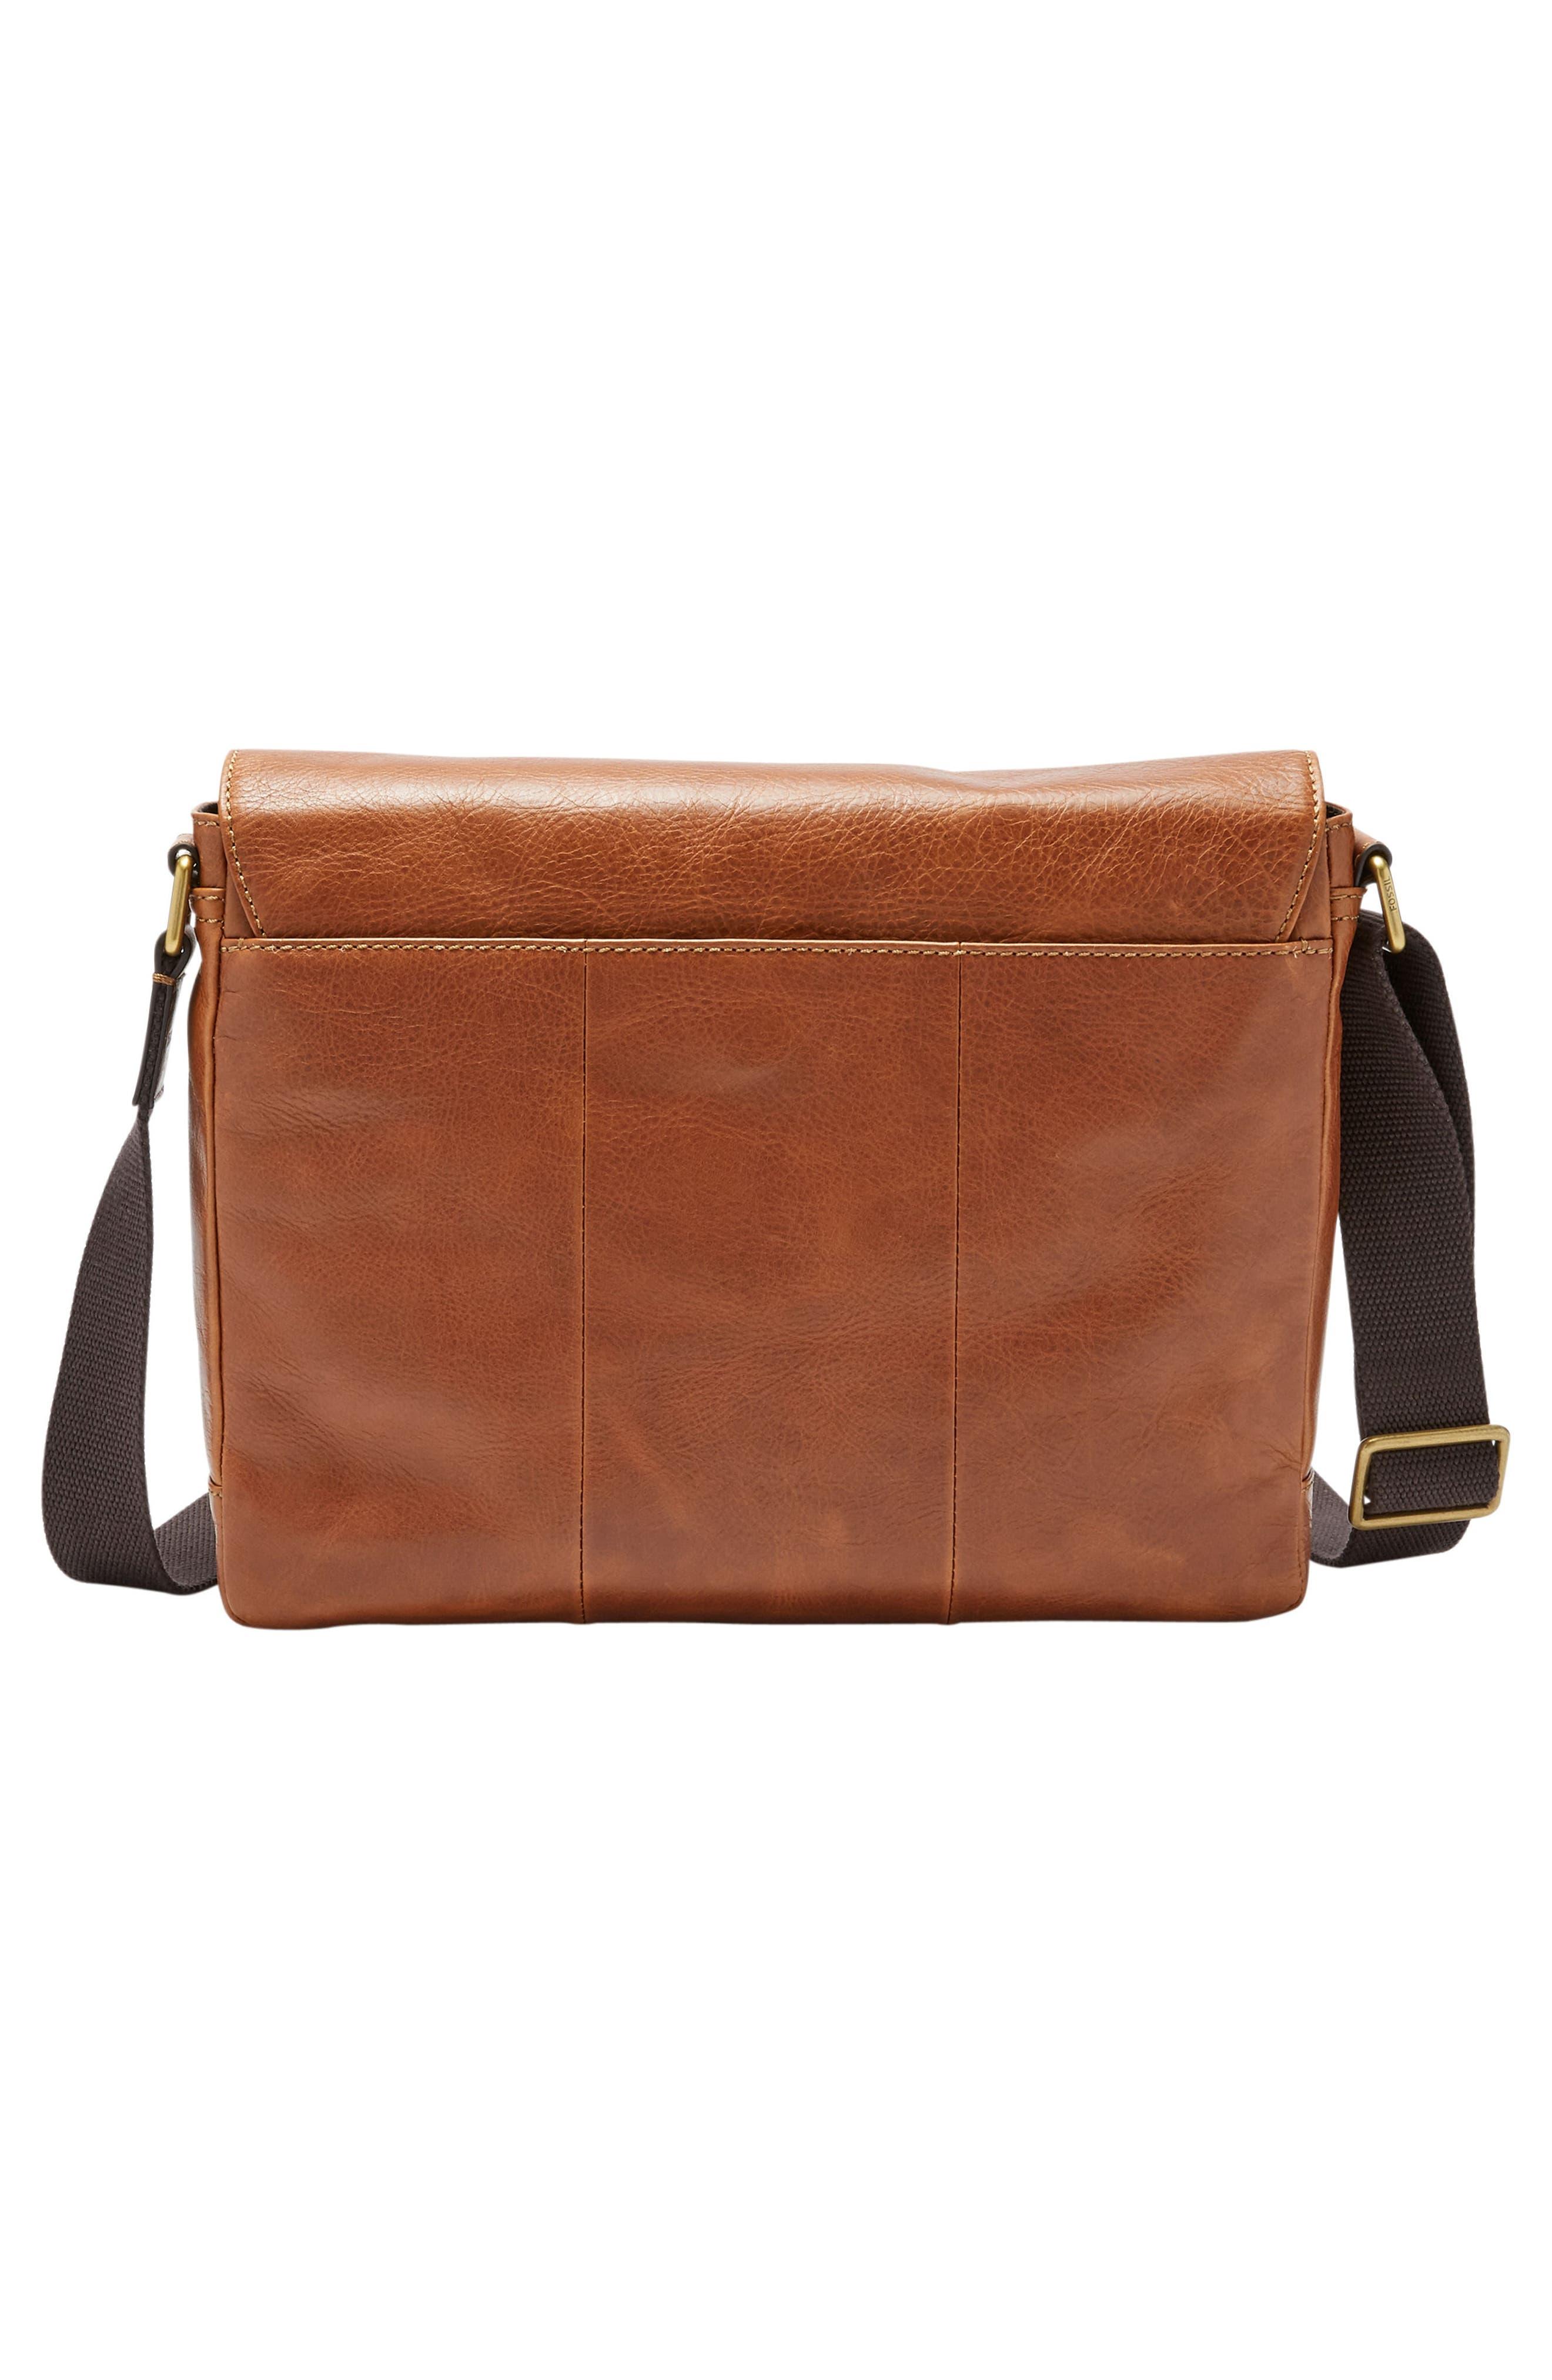 Defender Leather Messenger Bag,                             Alternate thumbnail 2, color,                             202